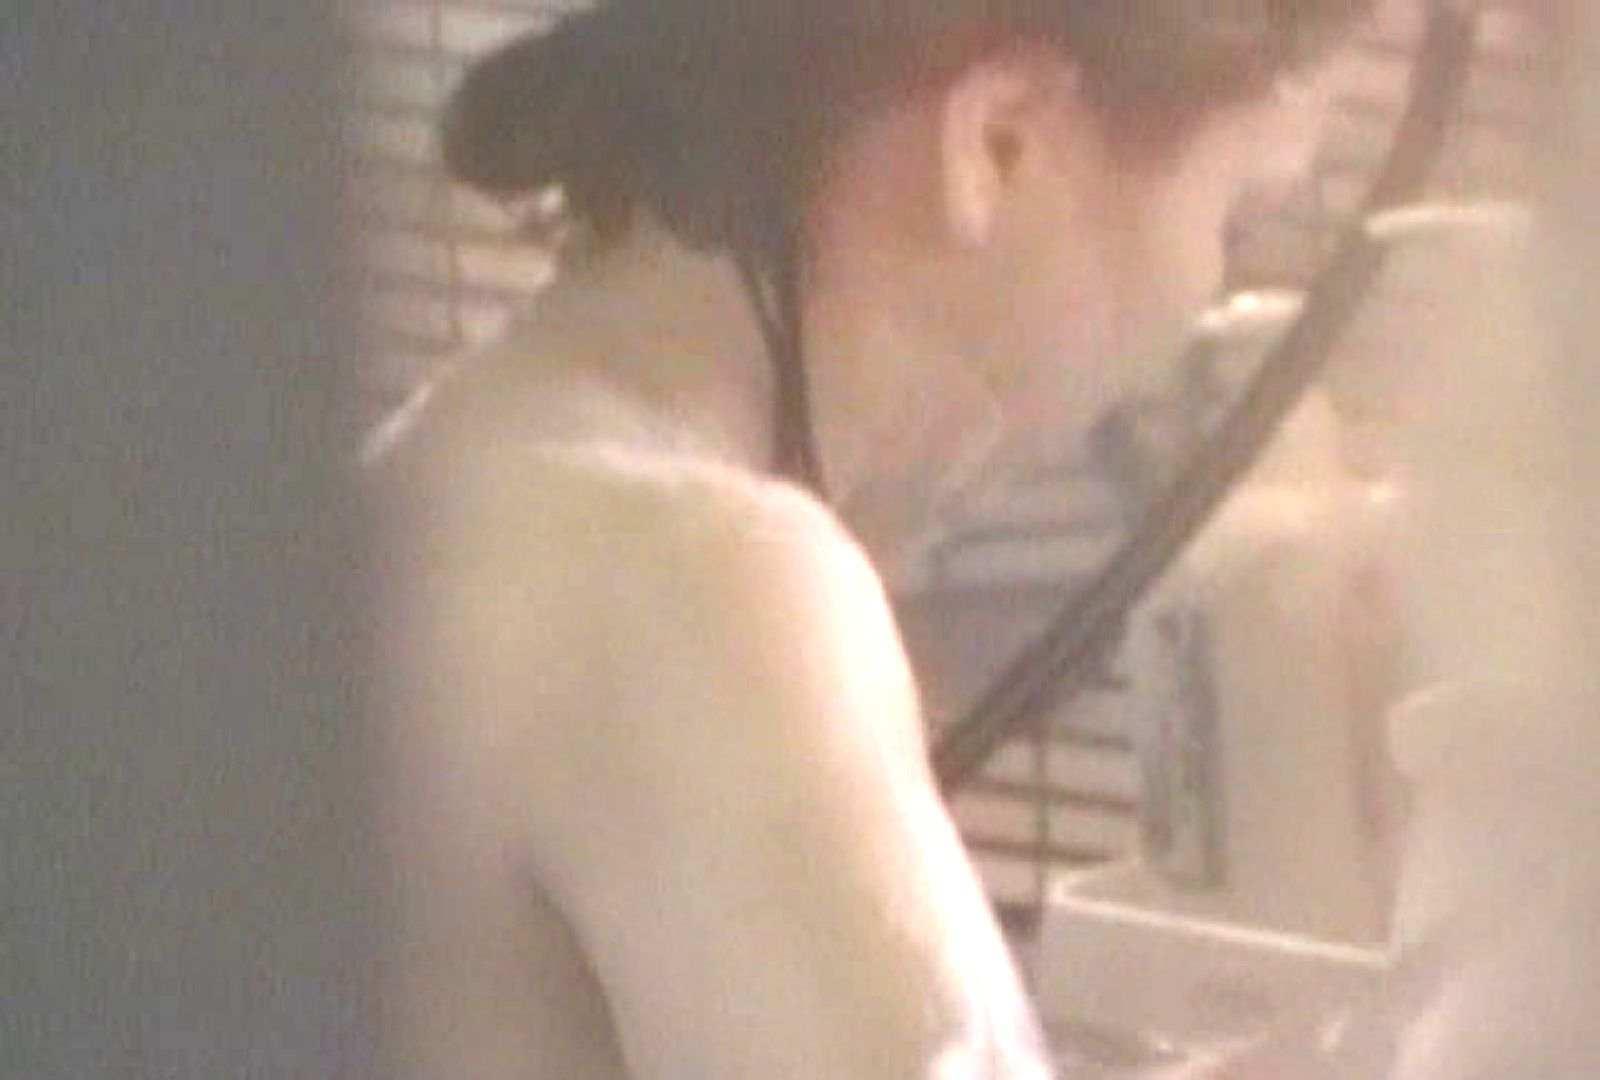 素人投稿シリーズ 盗撮 覗きの穴場 大浴場編  Vol.2 覗き  59枚 10